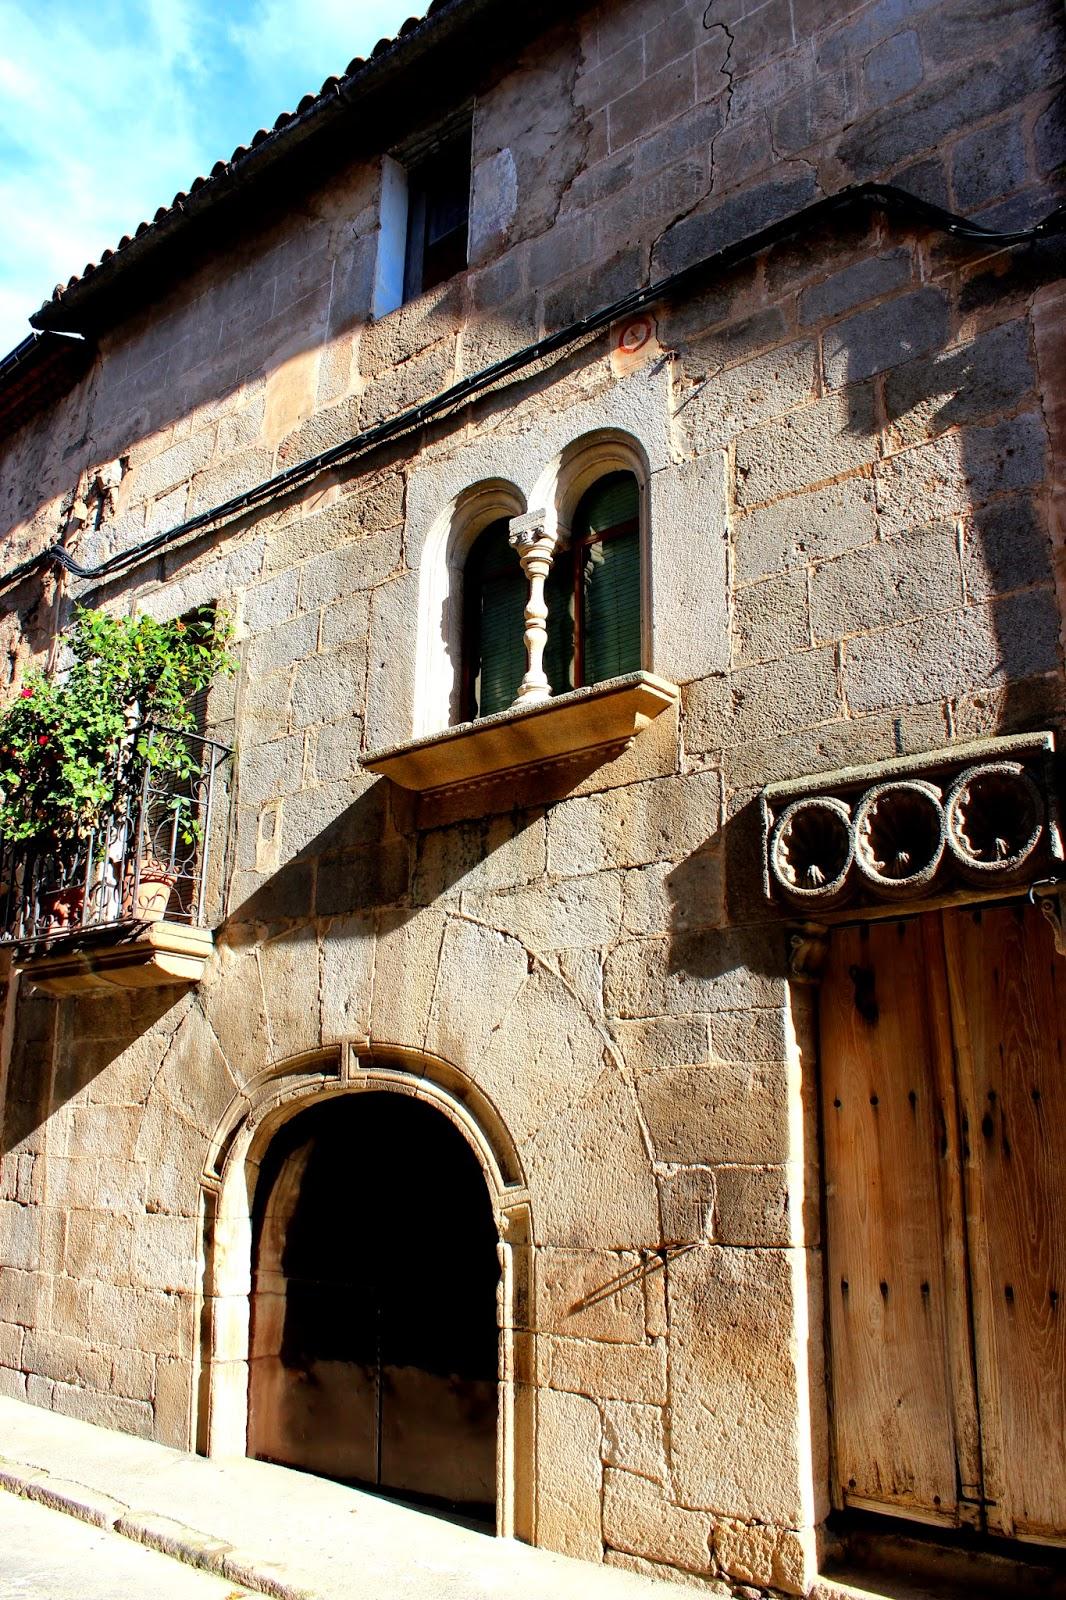 Edificios históricos en Hoyos